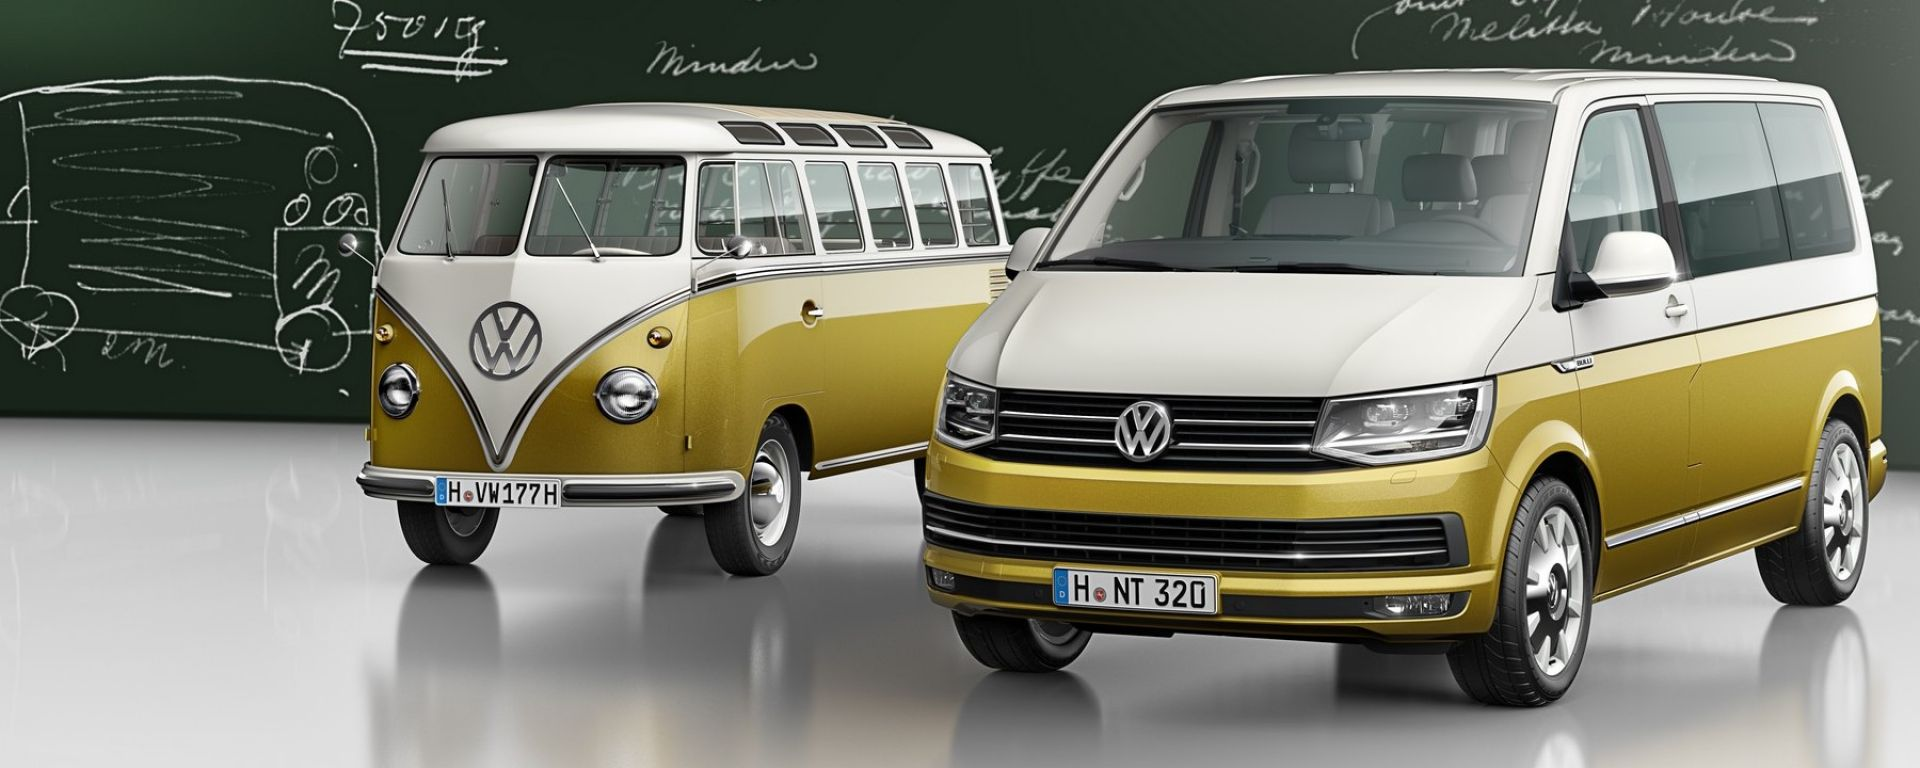 Volkswagen Bulli 70 anni, debutto a Ginevra